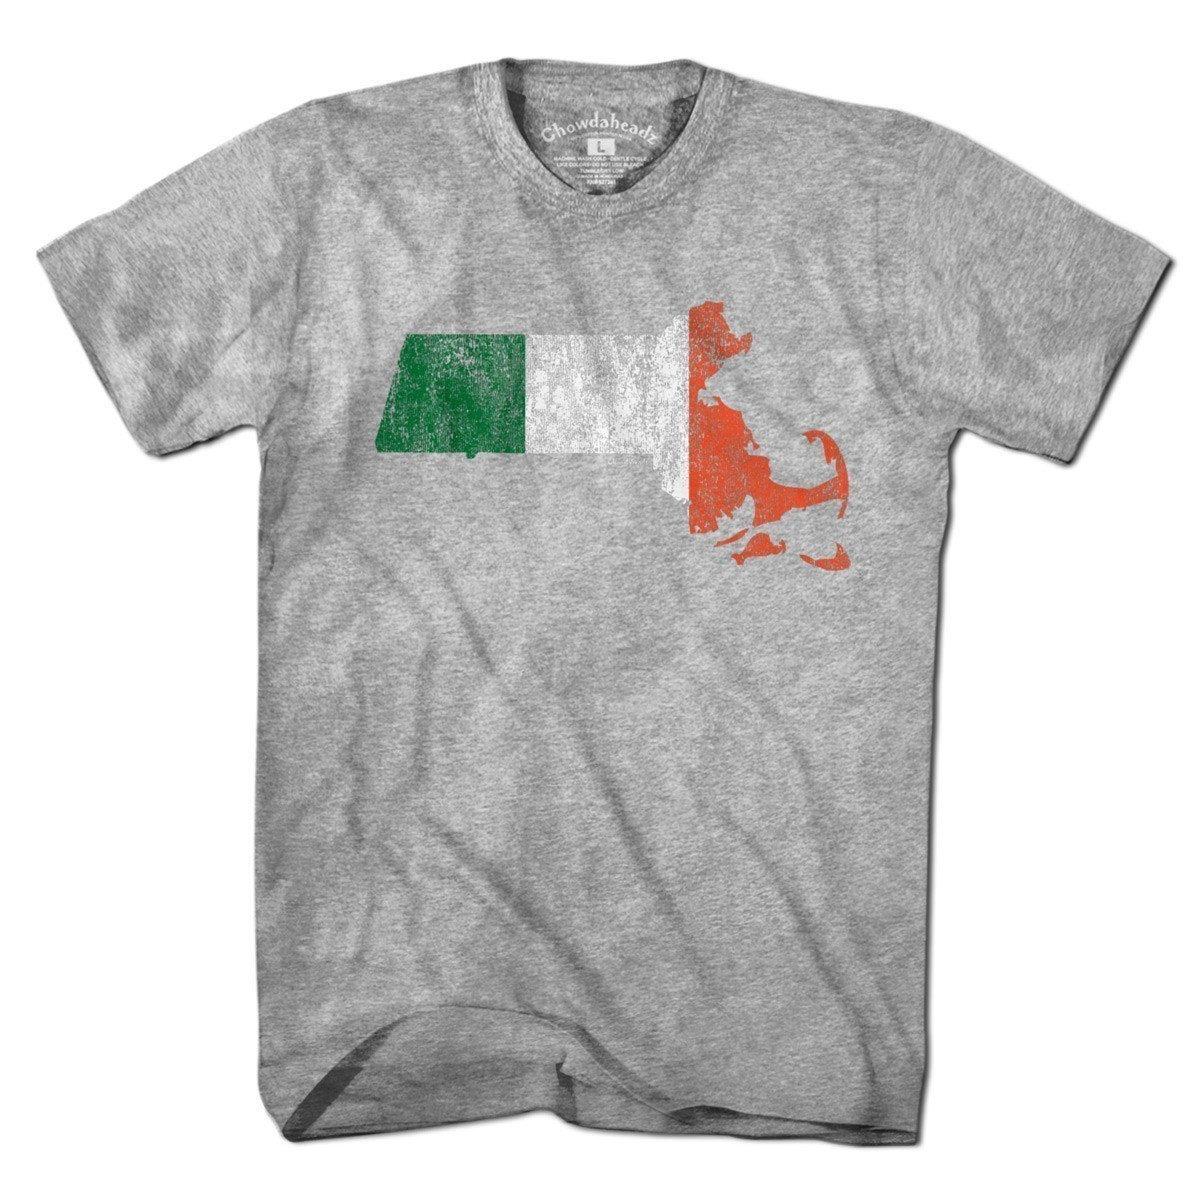 全てのアイテム Irish Irish Massachusetts Tシャツ 3XL 3XL Massachusetts B0195S98YQ, ラスティーボルト:a9b5cfbf --- a0267596.xsph.ru